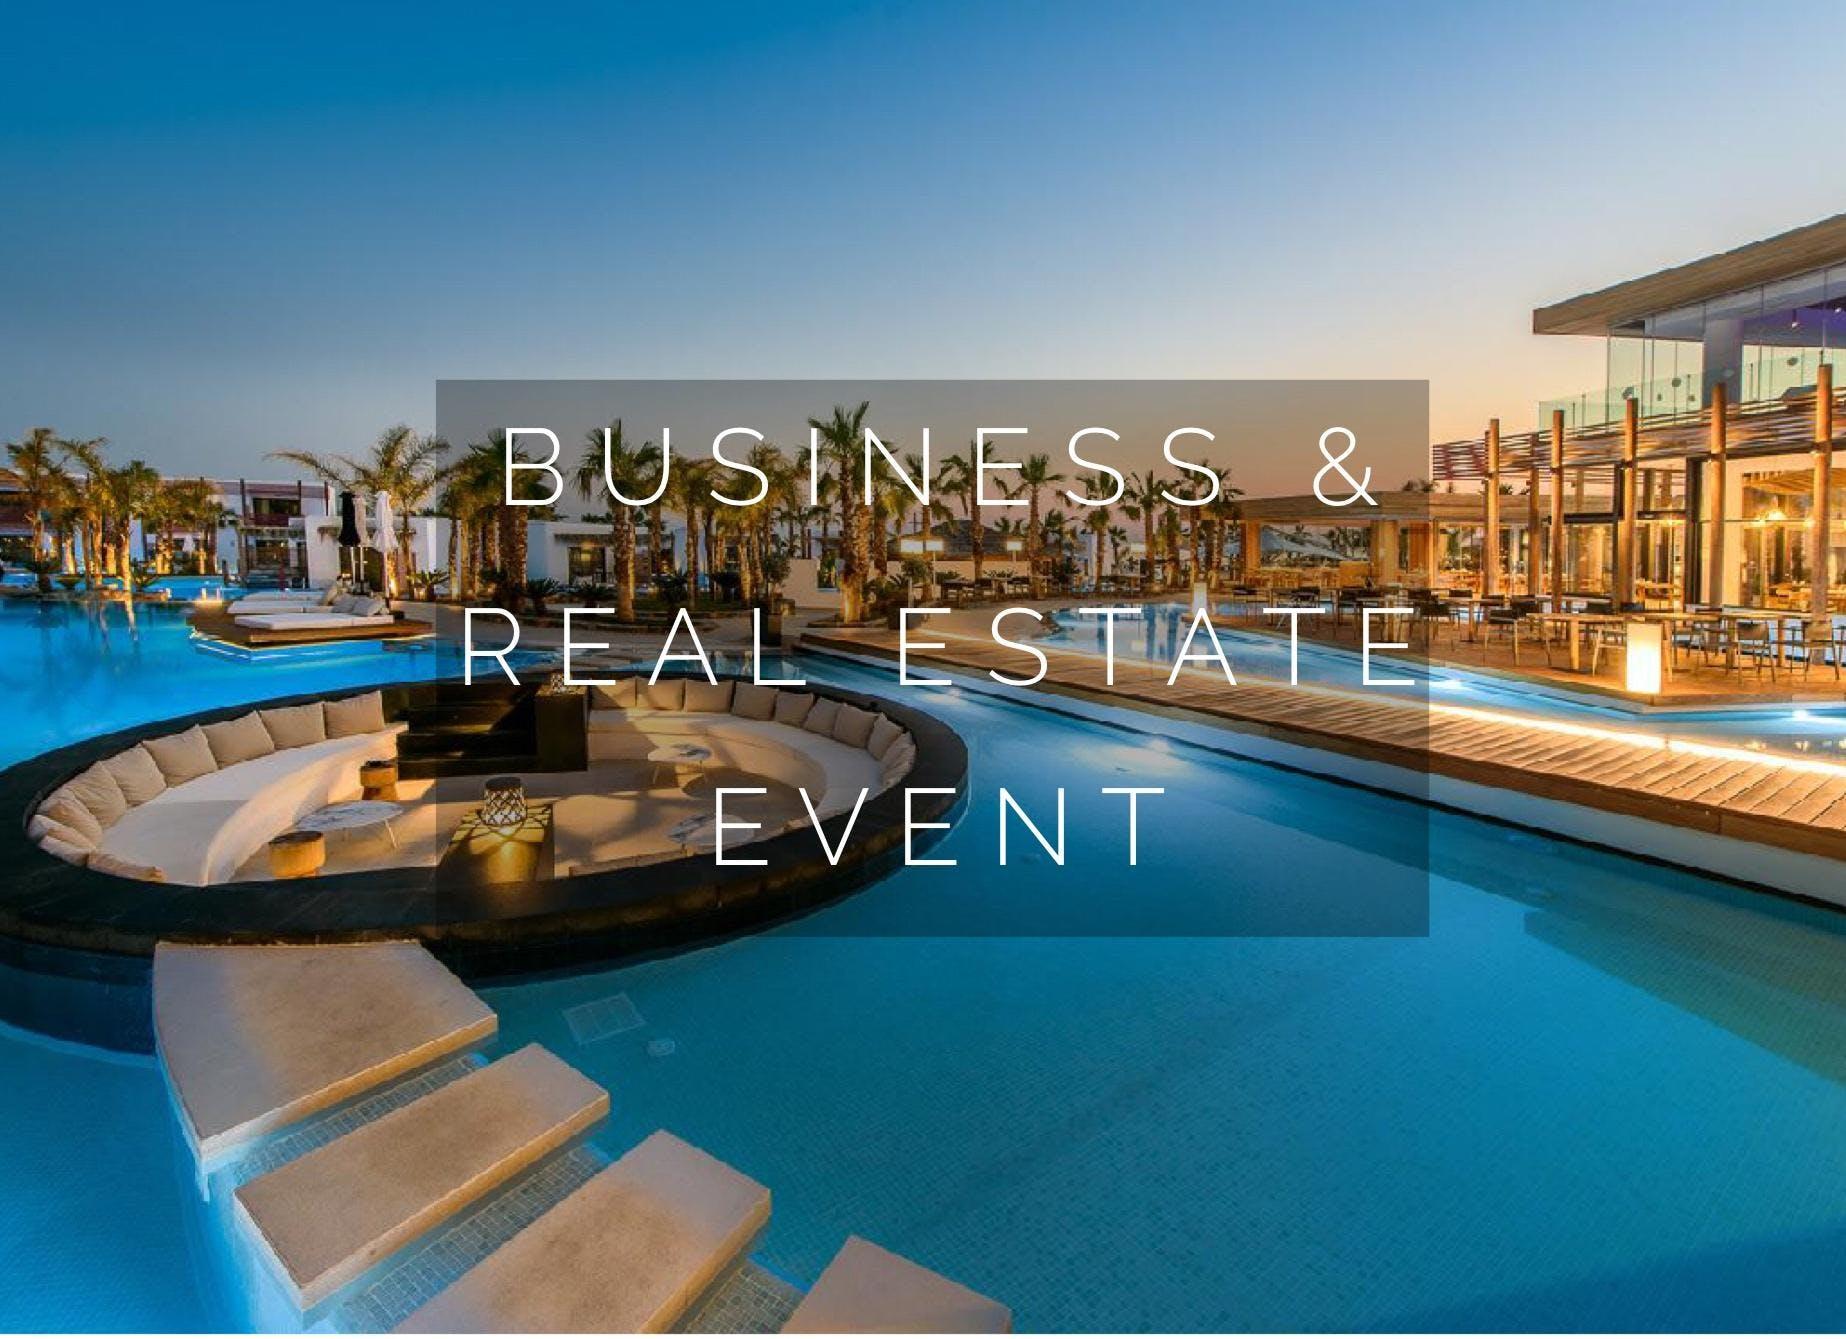 Orlando Real Estate & Business Event